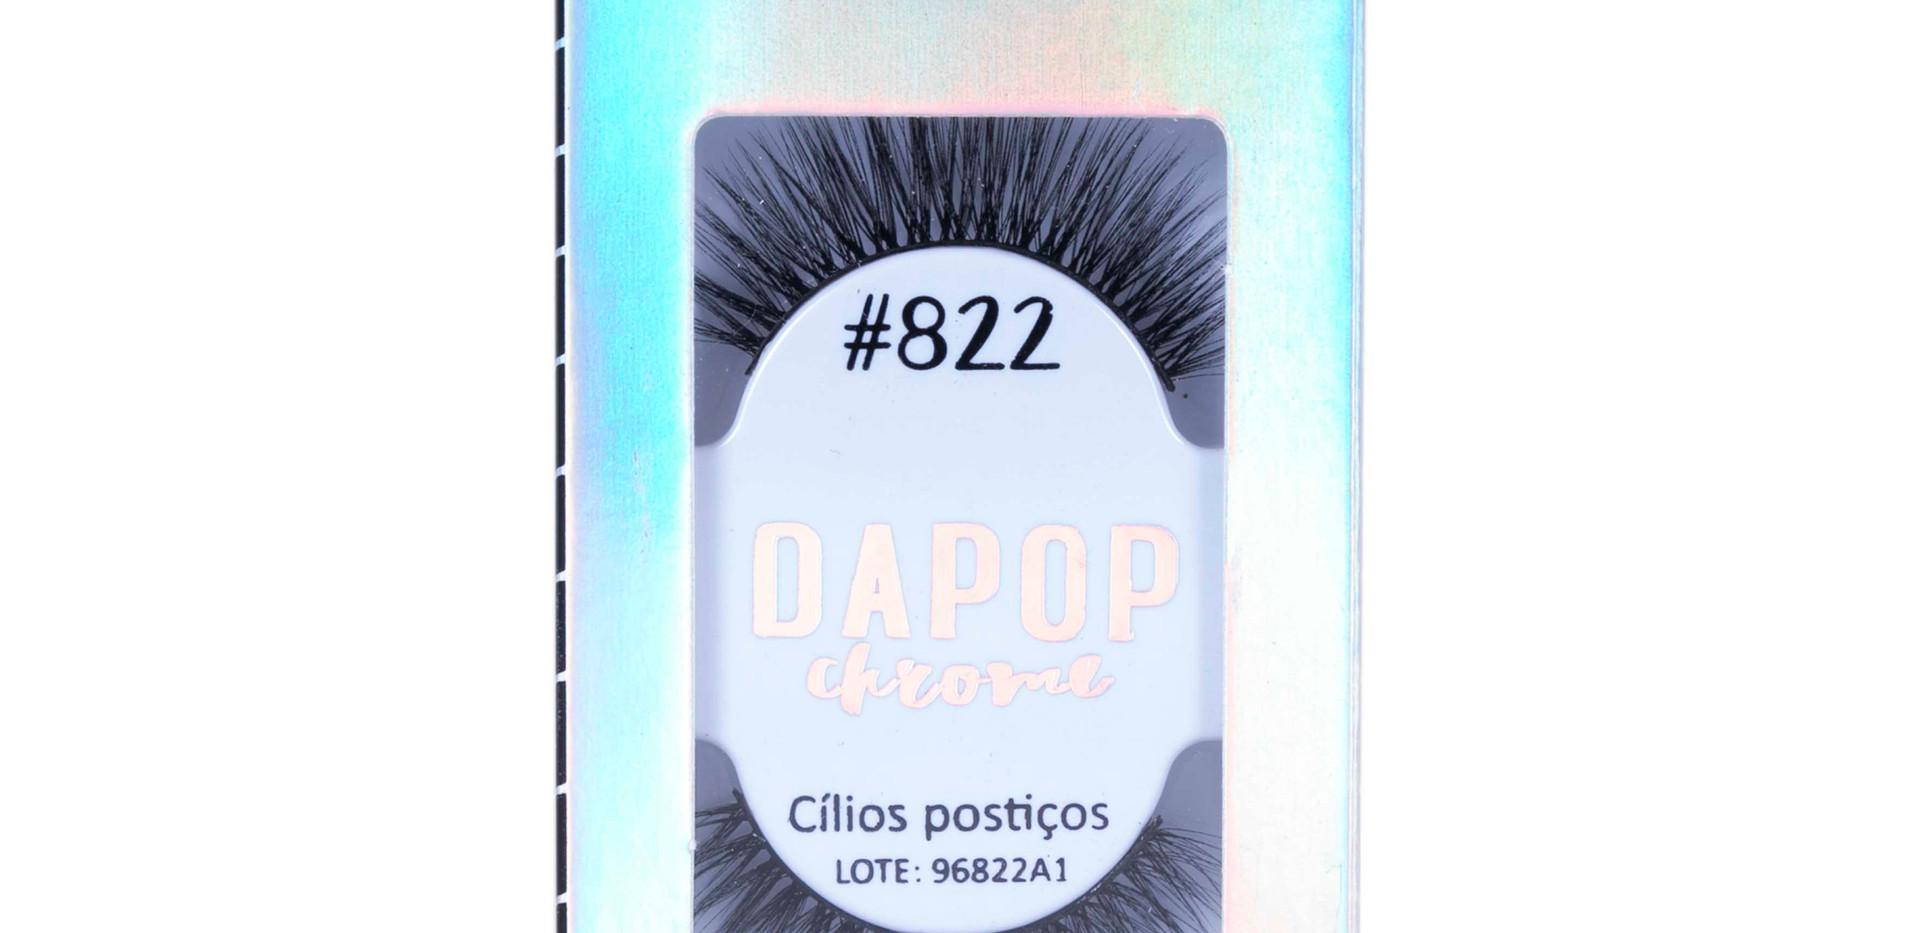 Cílios Postiços Premium #822 Dapop - HB96822 (3)